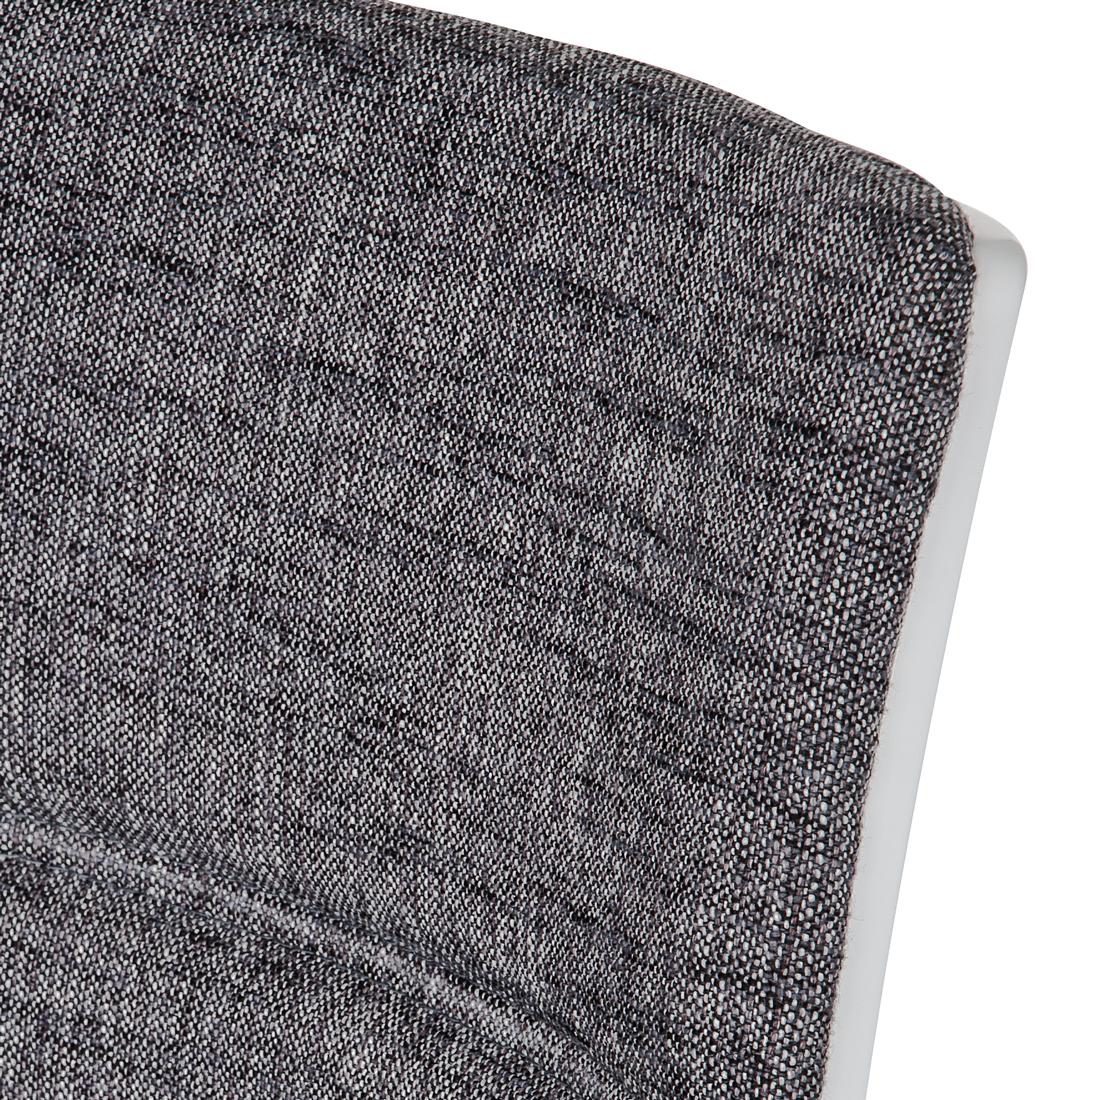 2er set esszimmerstuhl freischwinger stoff hellgrau st hle. Black Bedroom Furniture Sets. Home Design Ideas